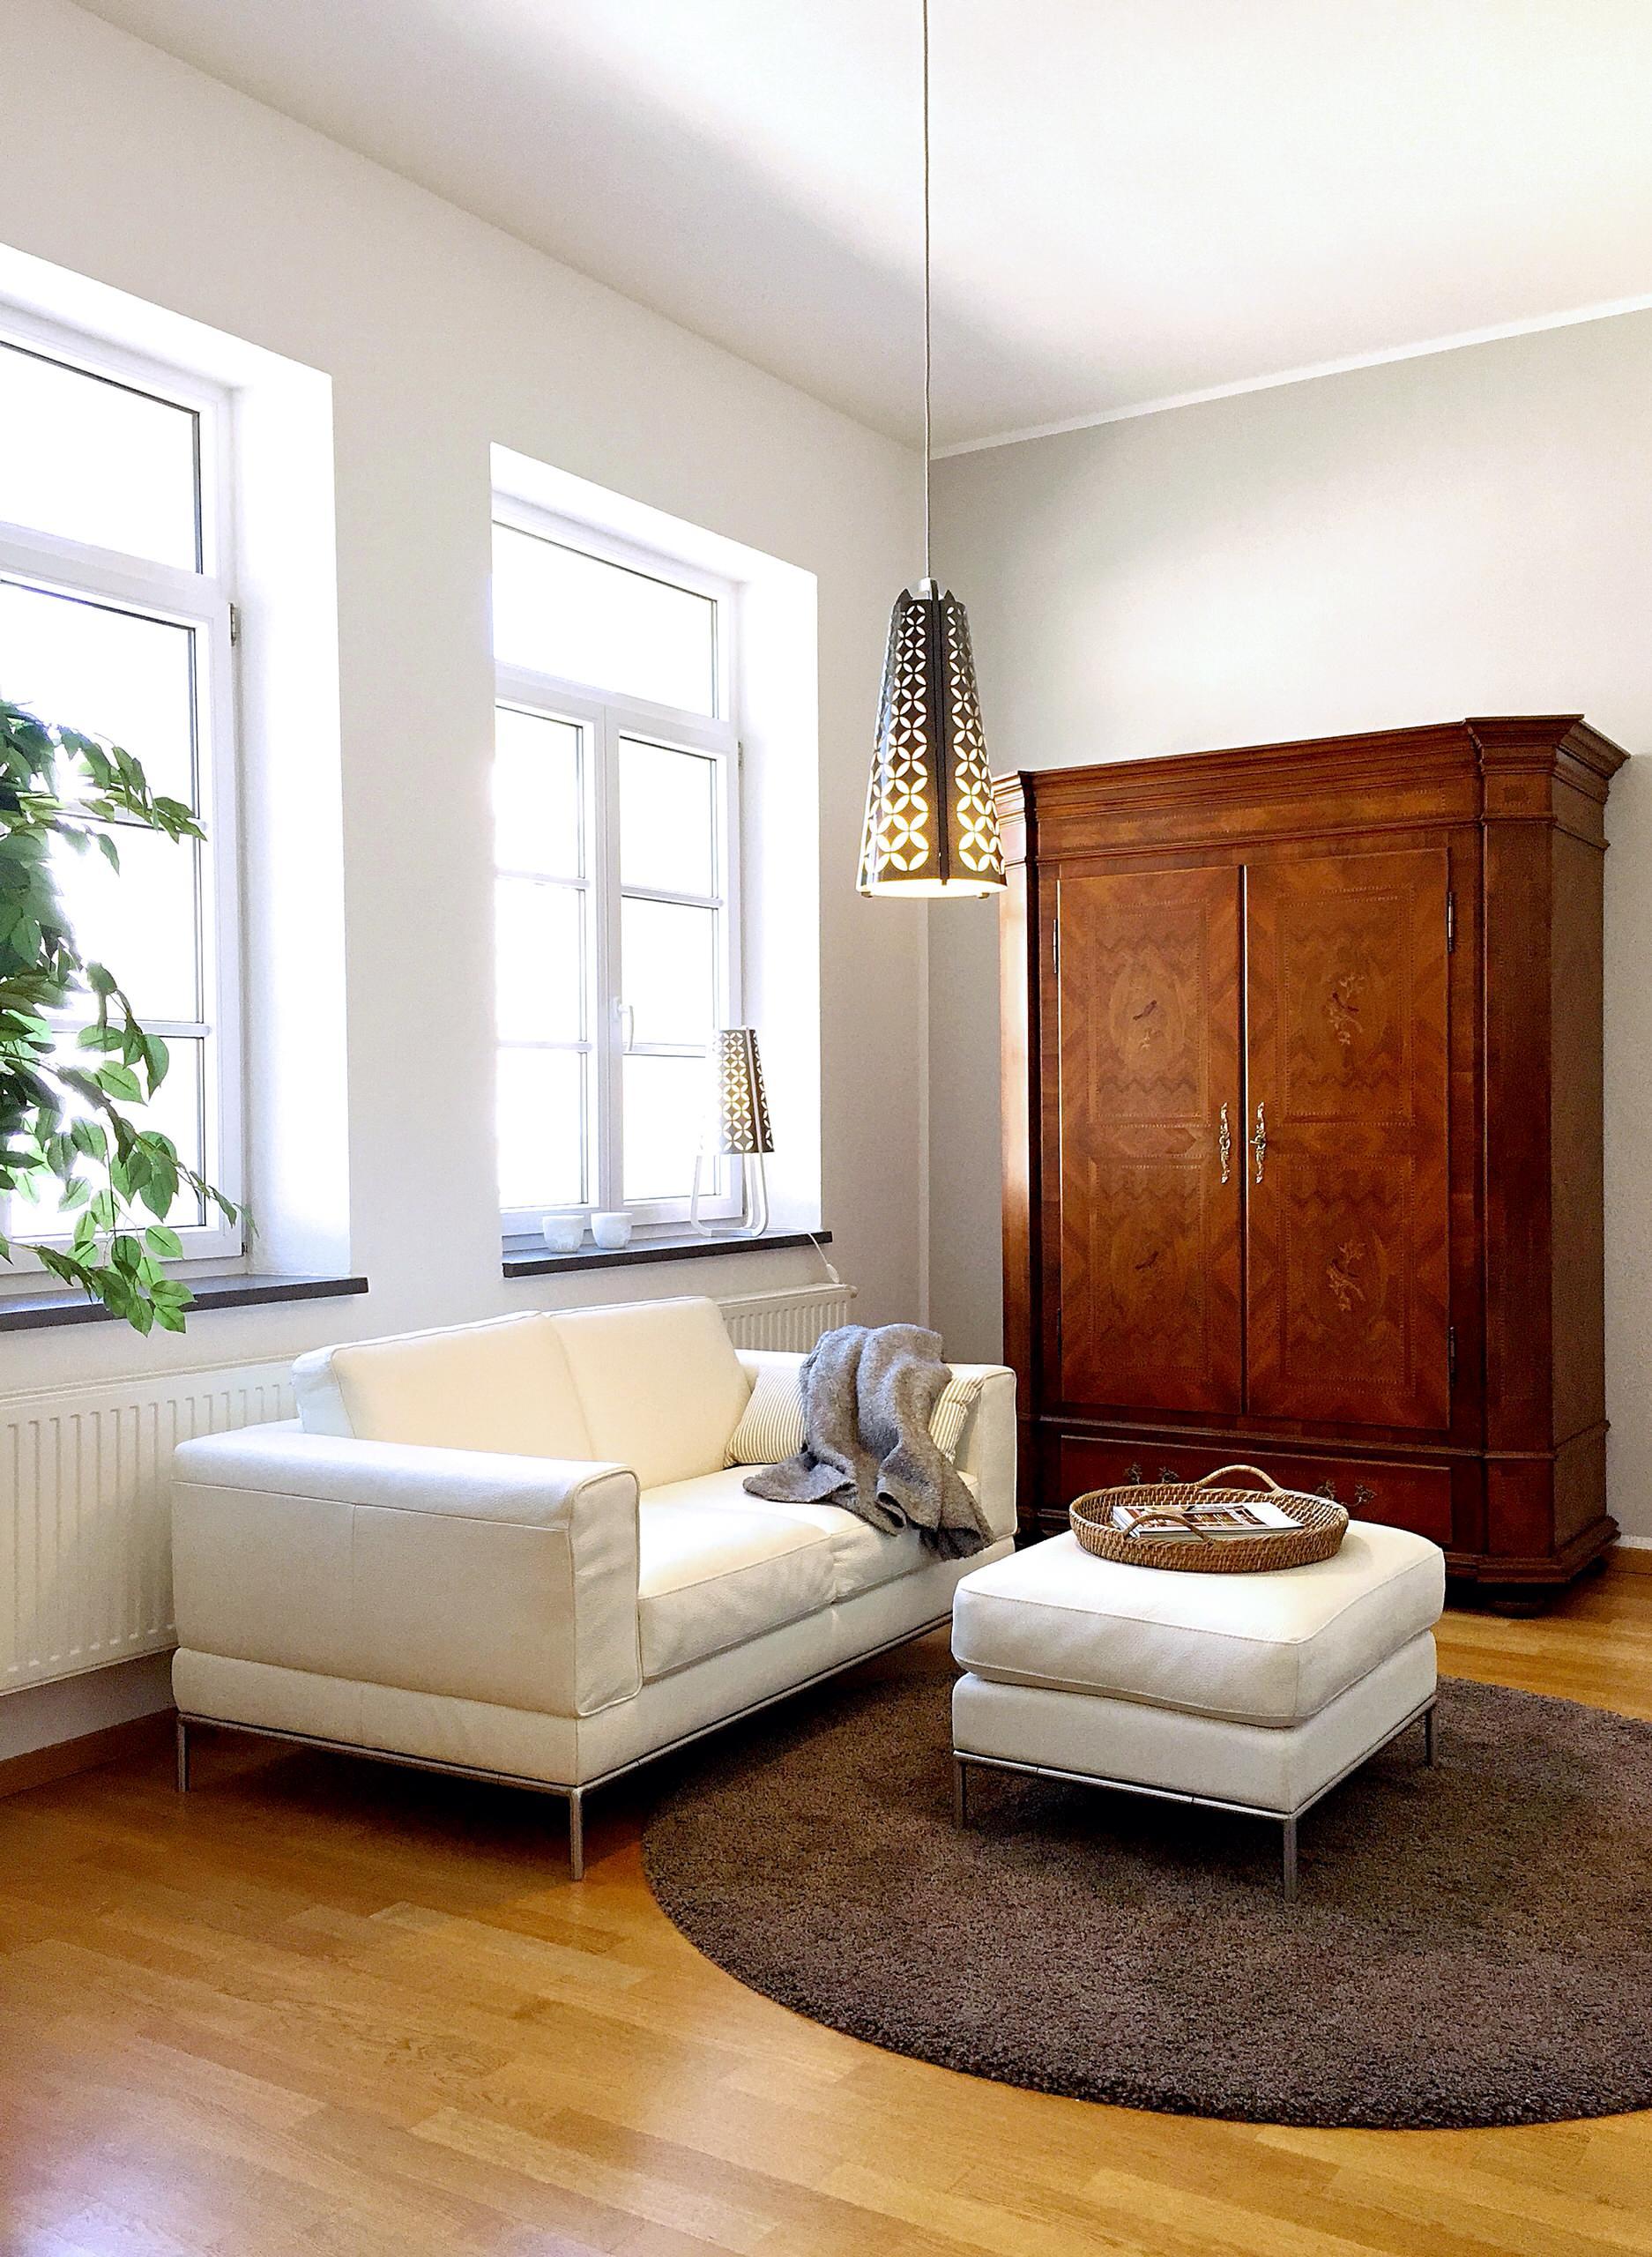 Viel Weiß und helles Grau bringen den Raum zum Leuchten